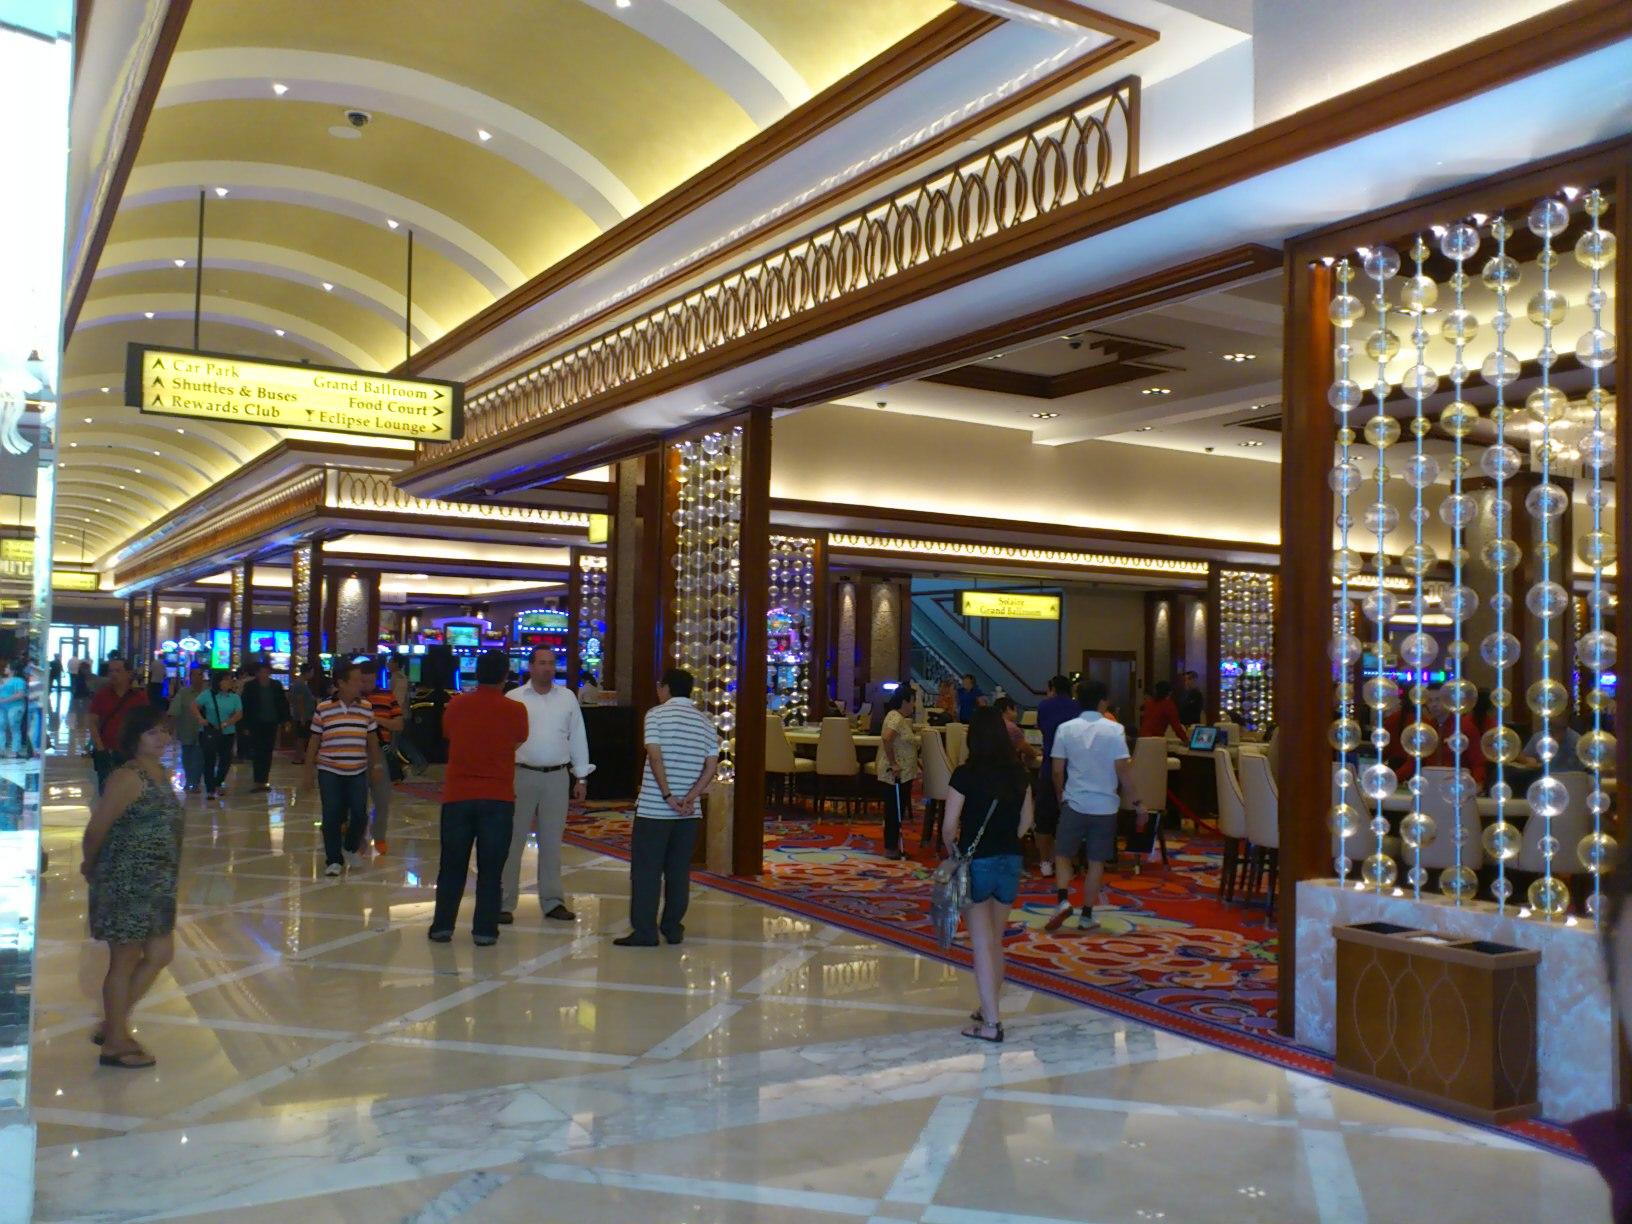 DSC 1868 マニラに出来た新しいカジノリゾート Solaire Resorts & Casino